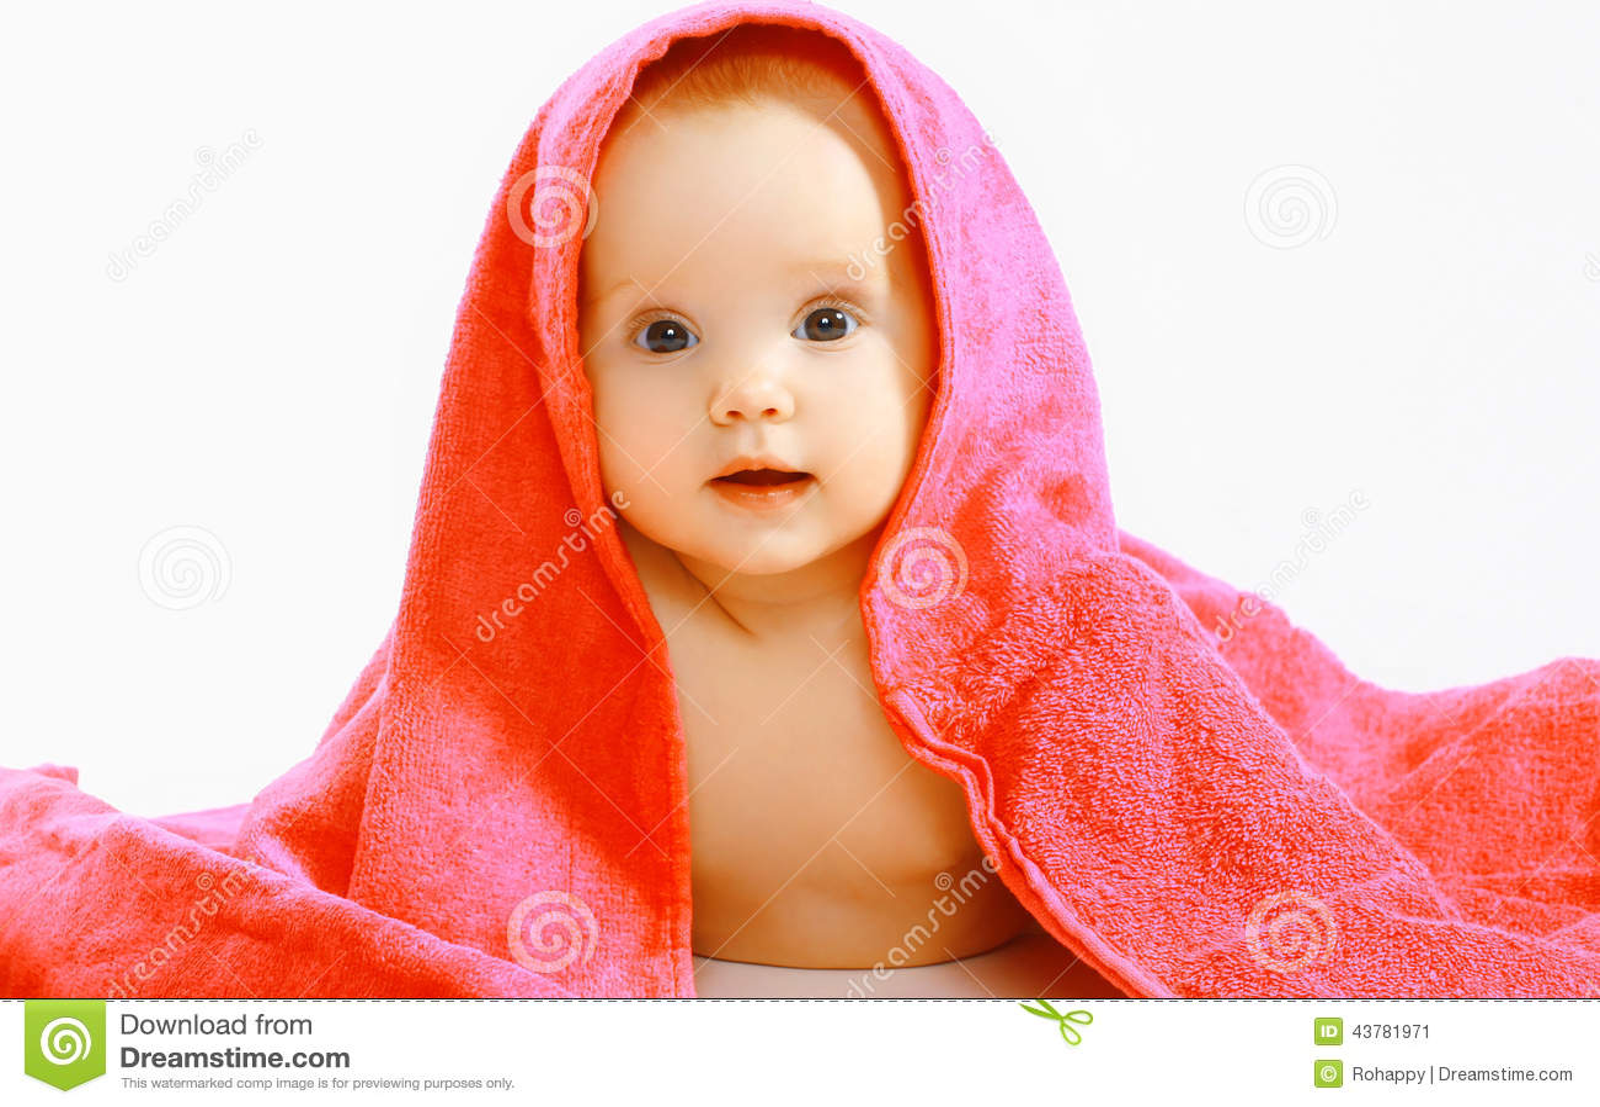 Милый младенец и полотенце